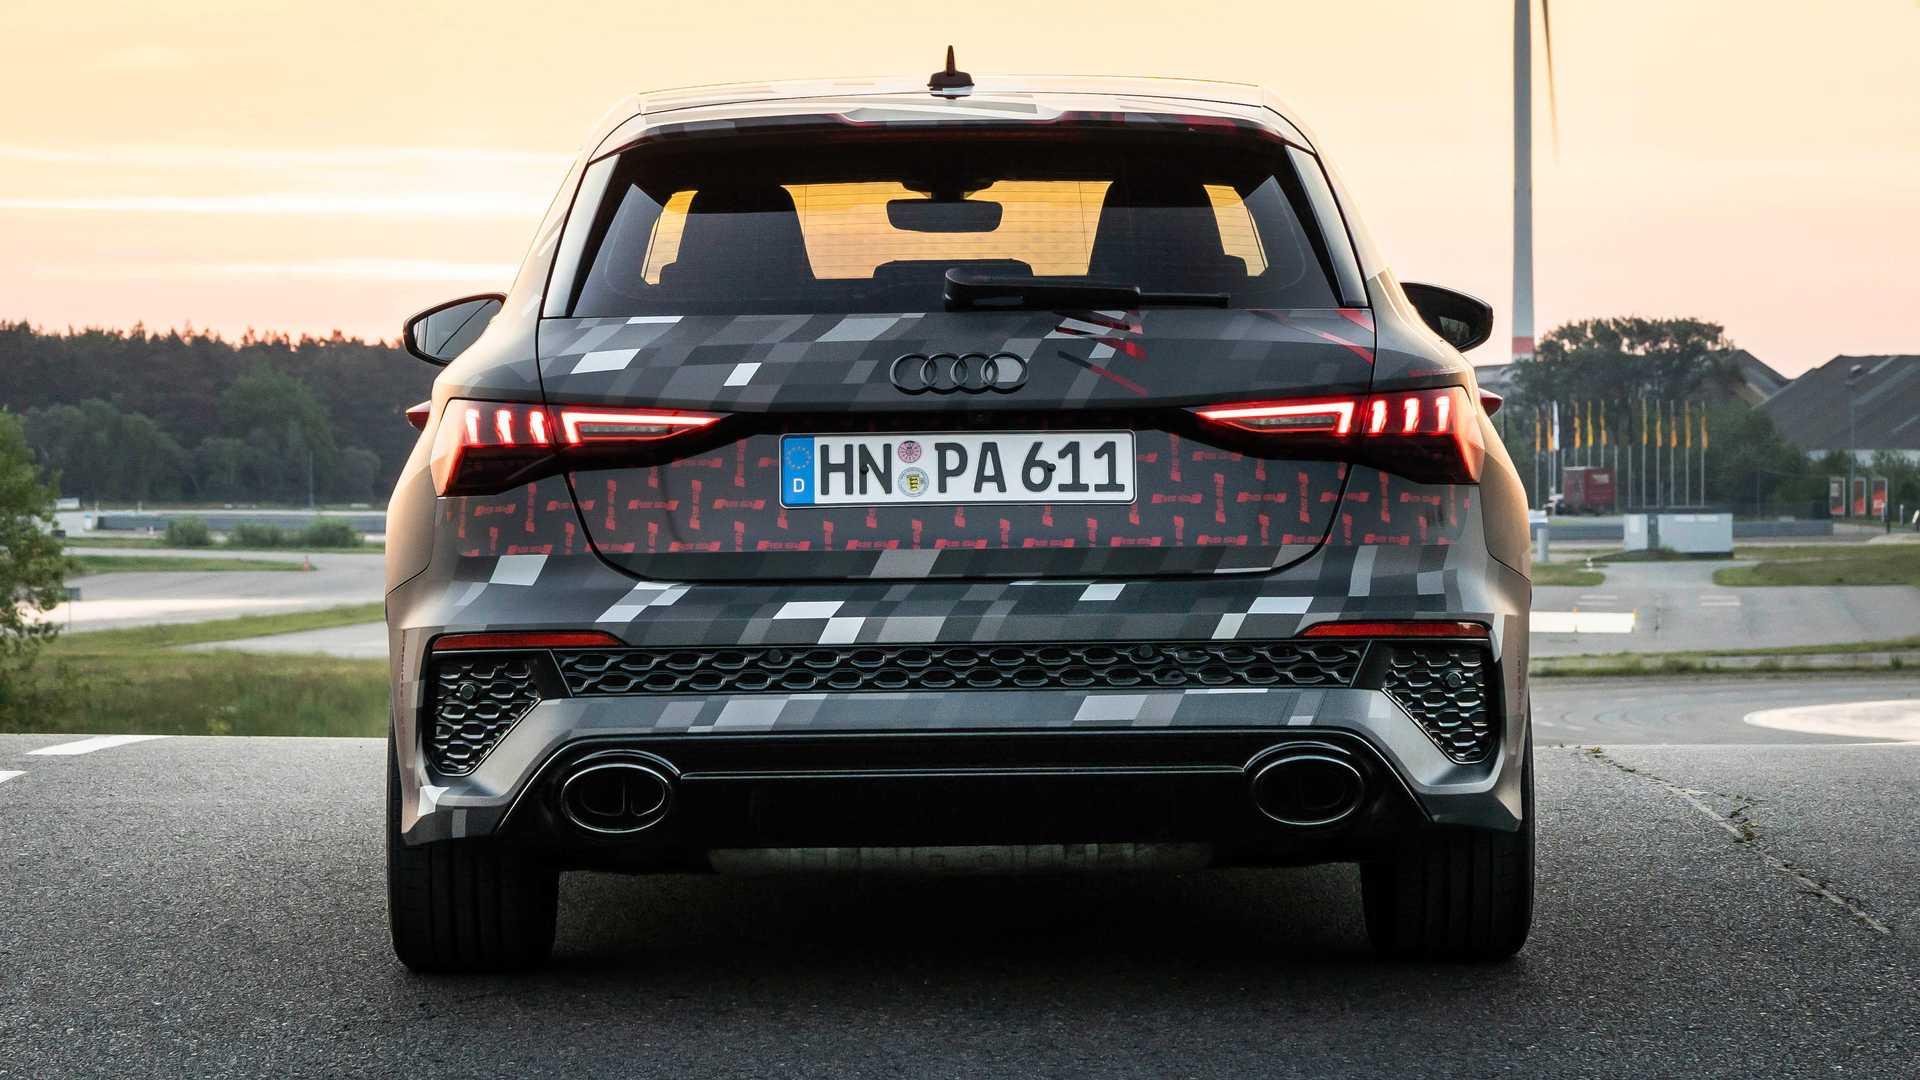 2022-audi-rs3-sportback-rear-view